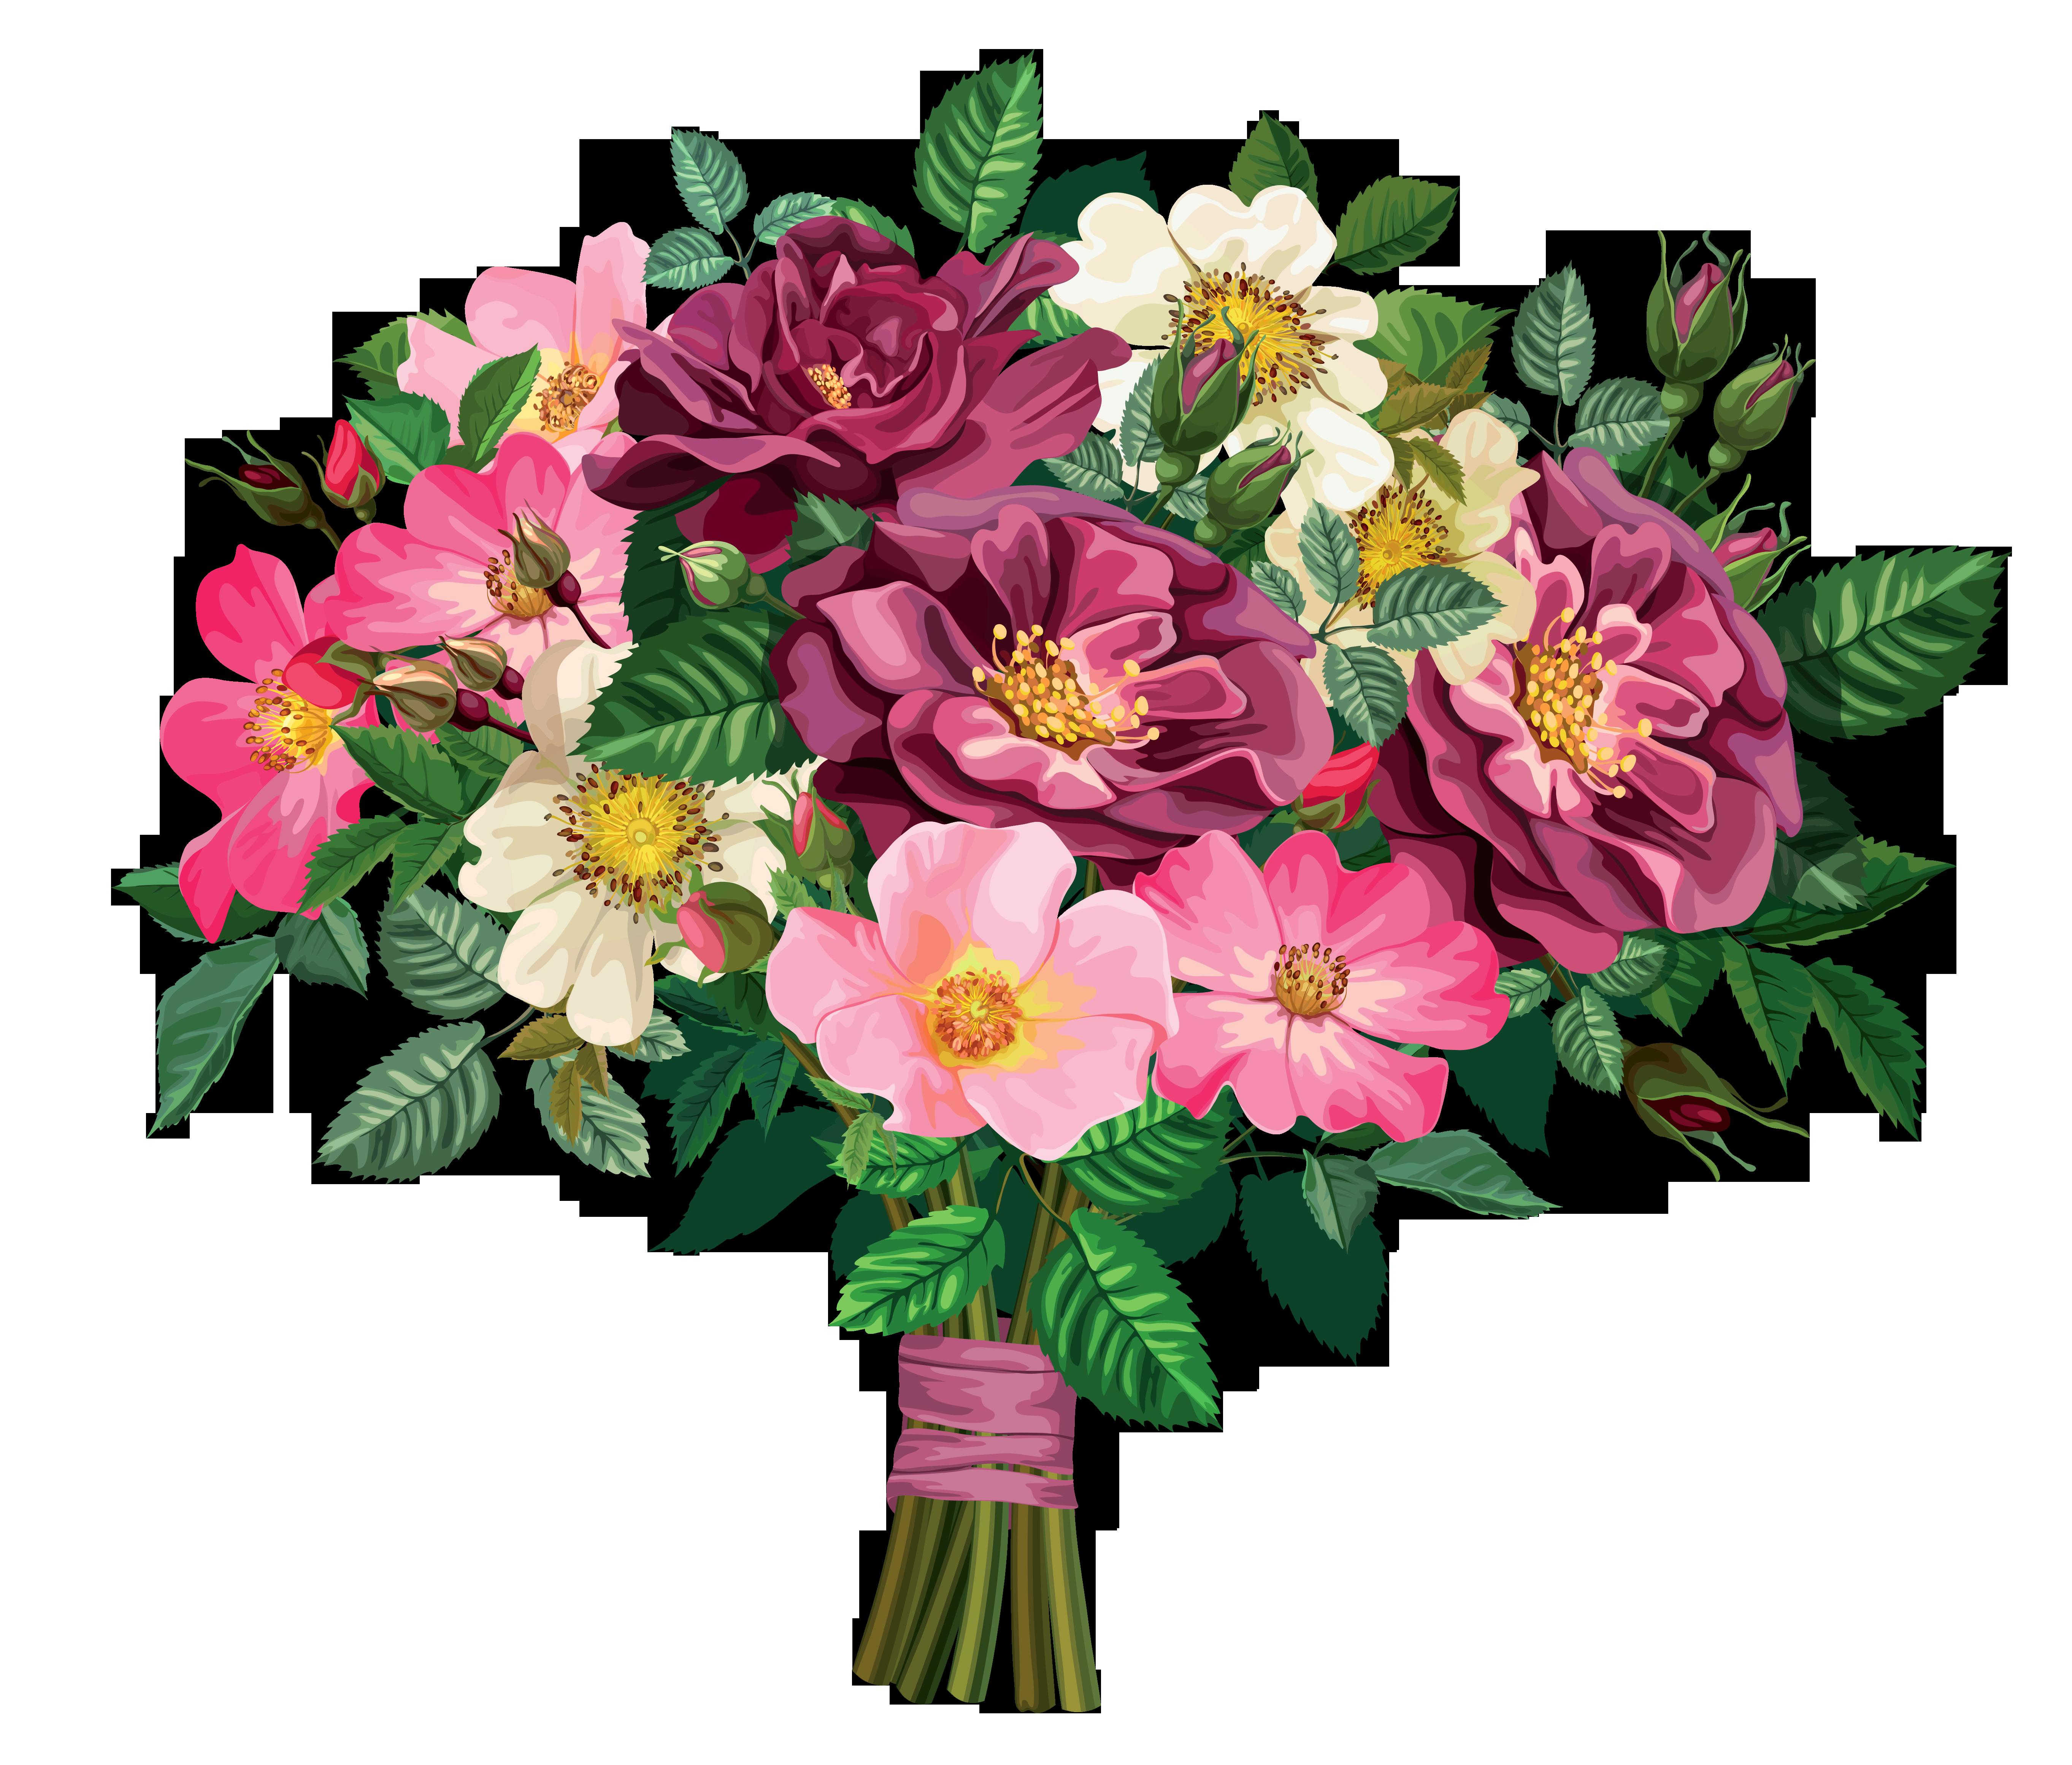 Floral design drawing clip. Bouquet clipart 4 flower